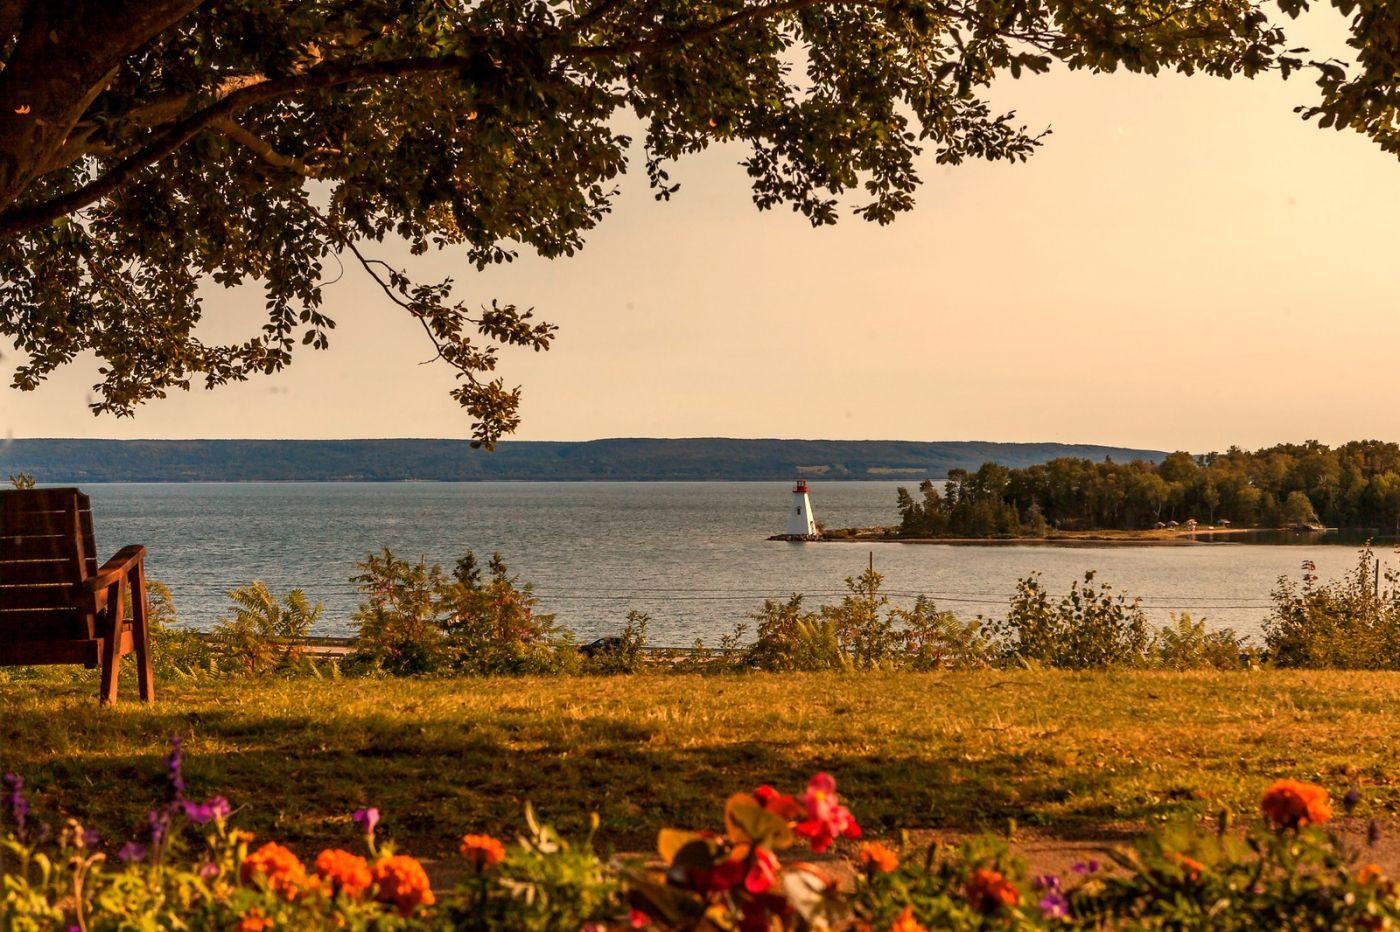 加拿大Nova Scotia, 帆船灯塔老鹰_图1-9